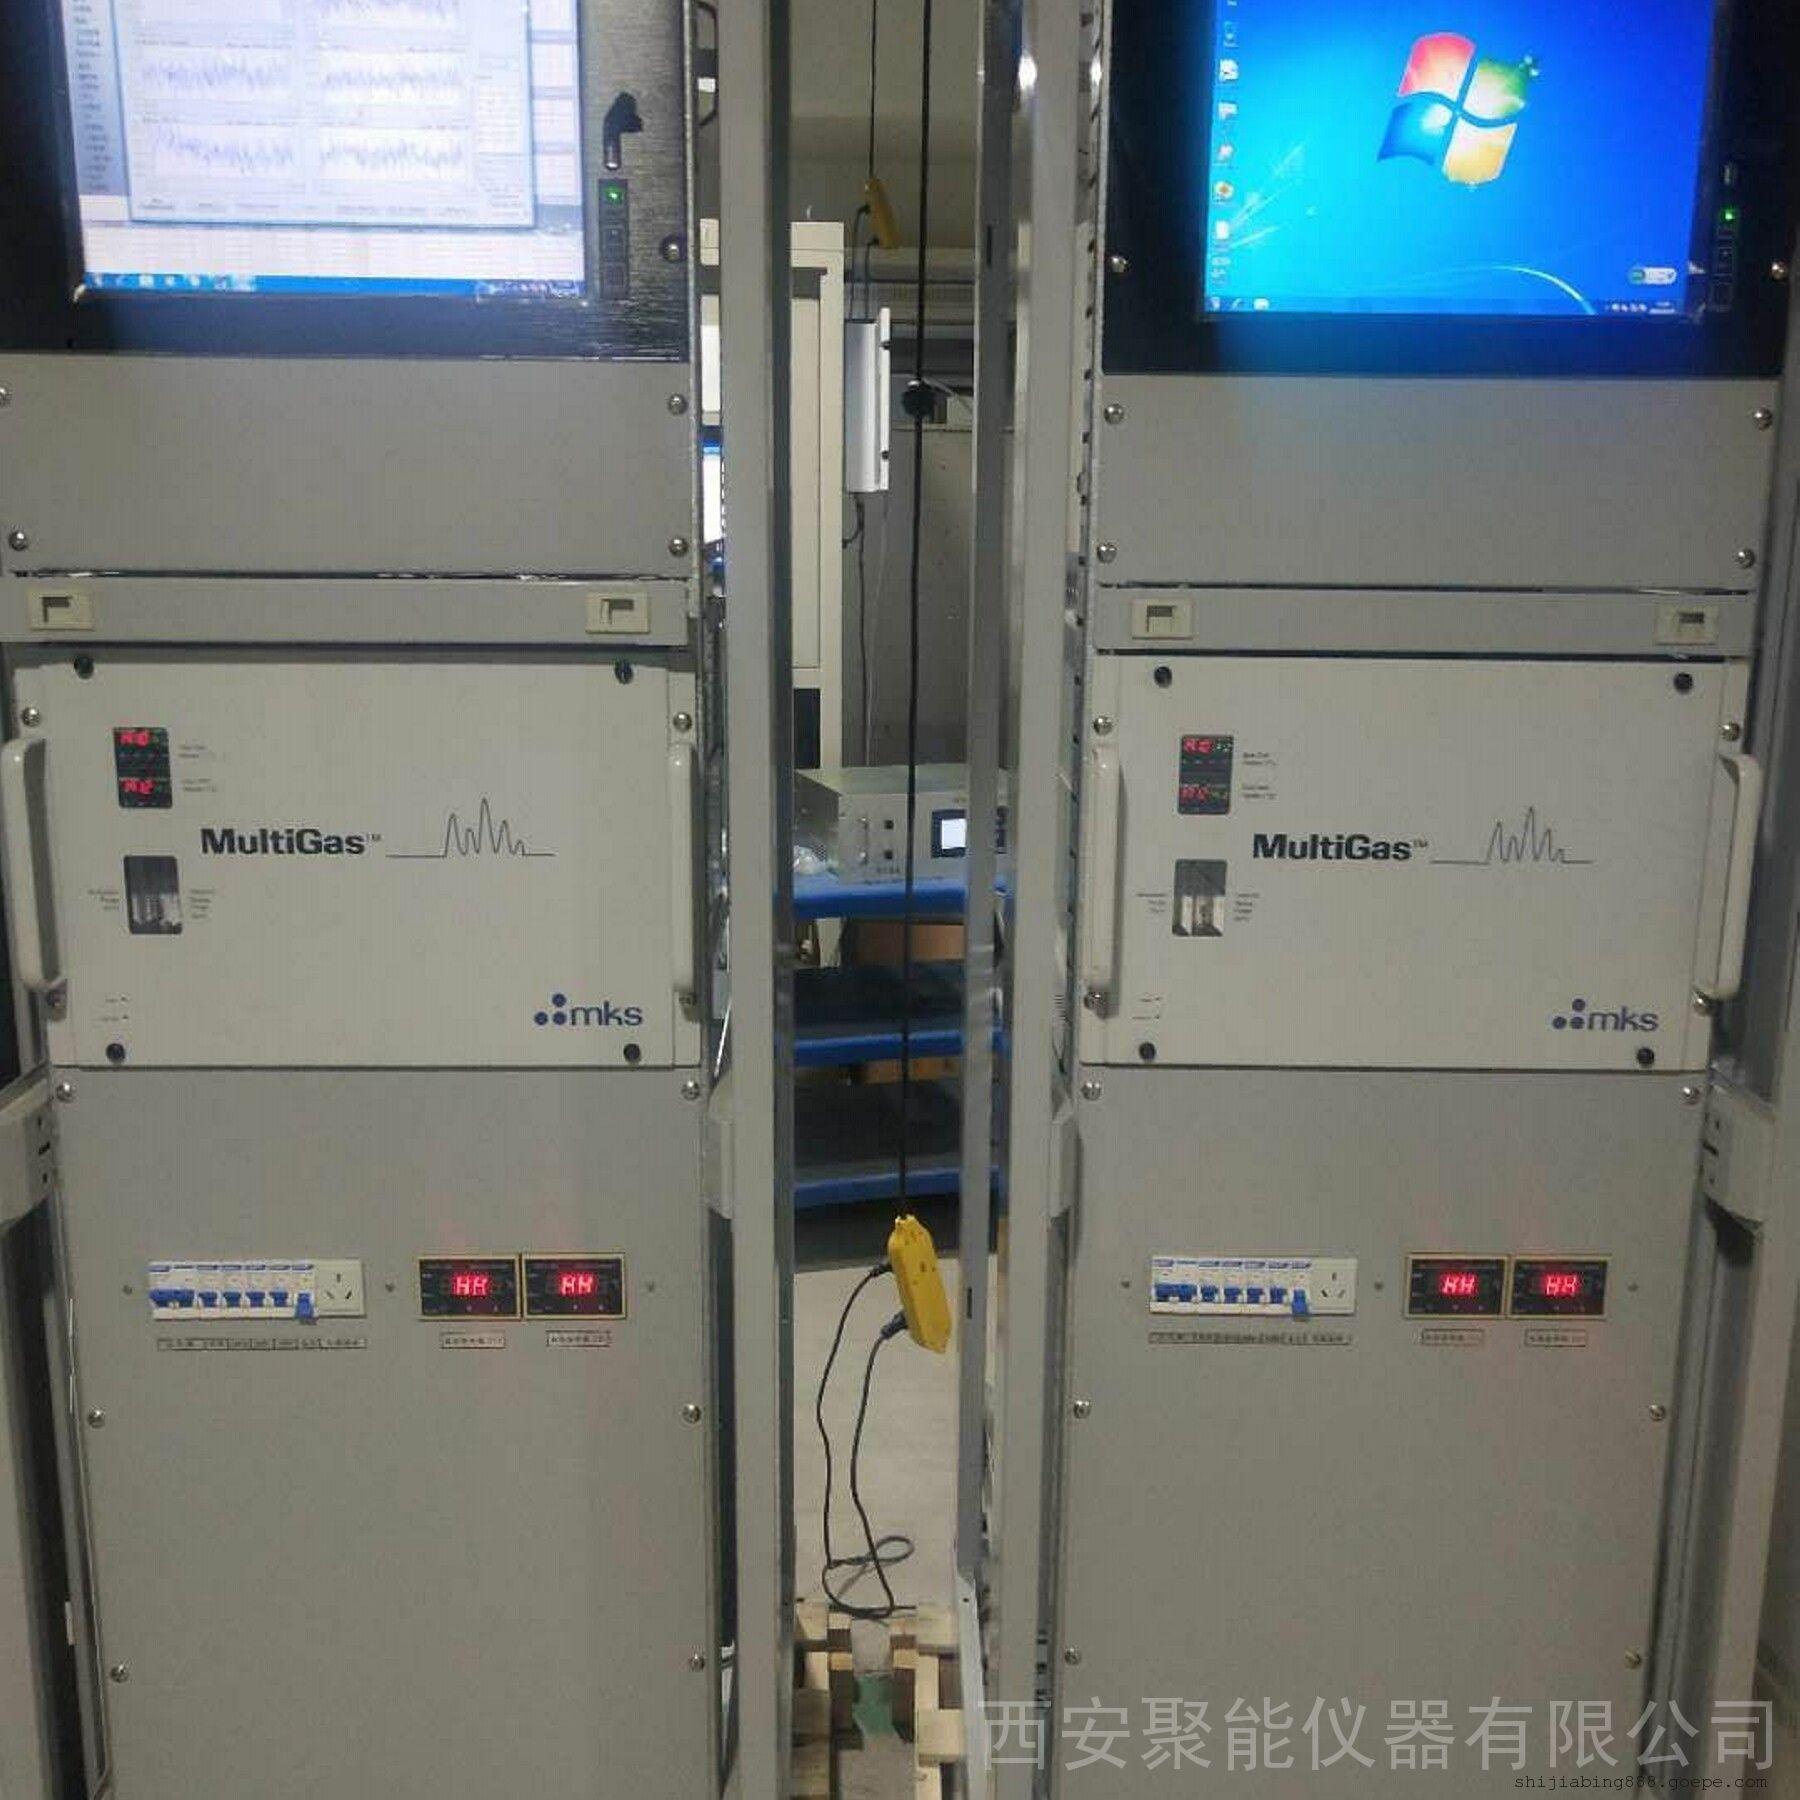 聚能脱硫脱硝烟气超低排放连续监测系统